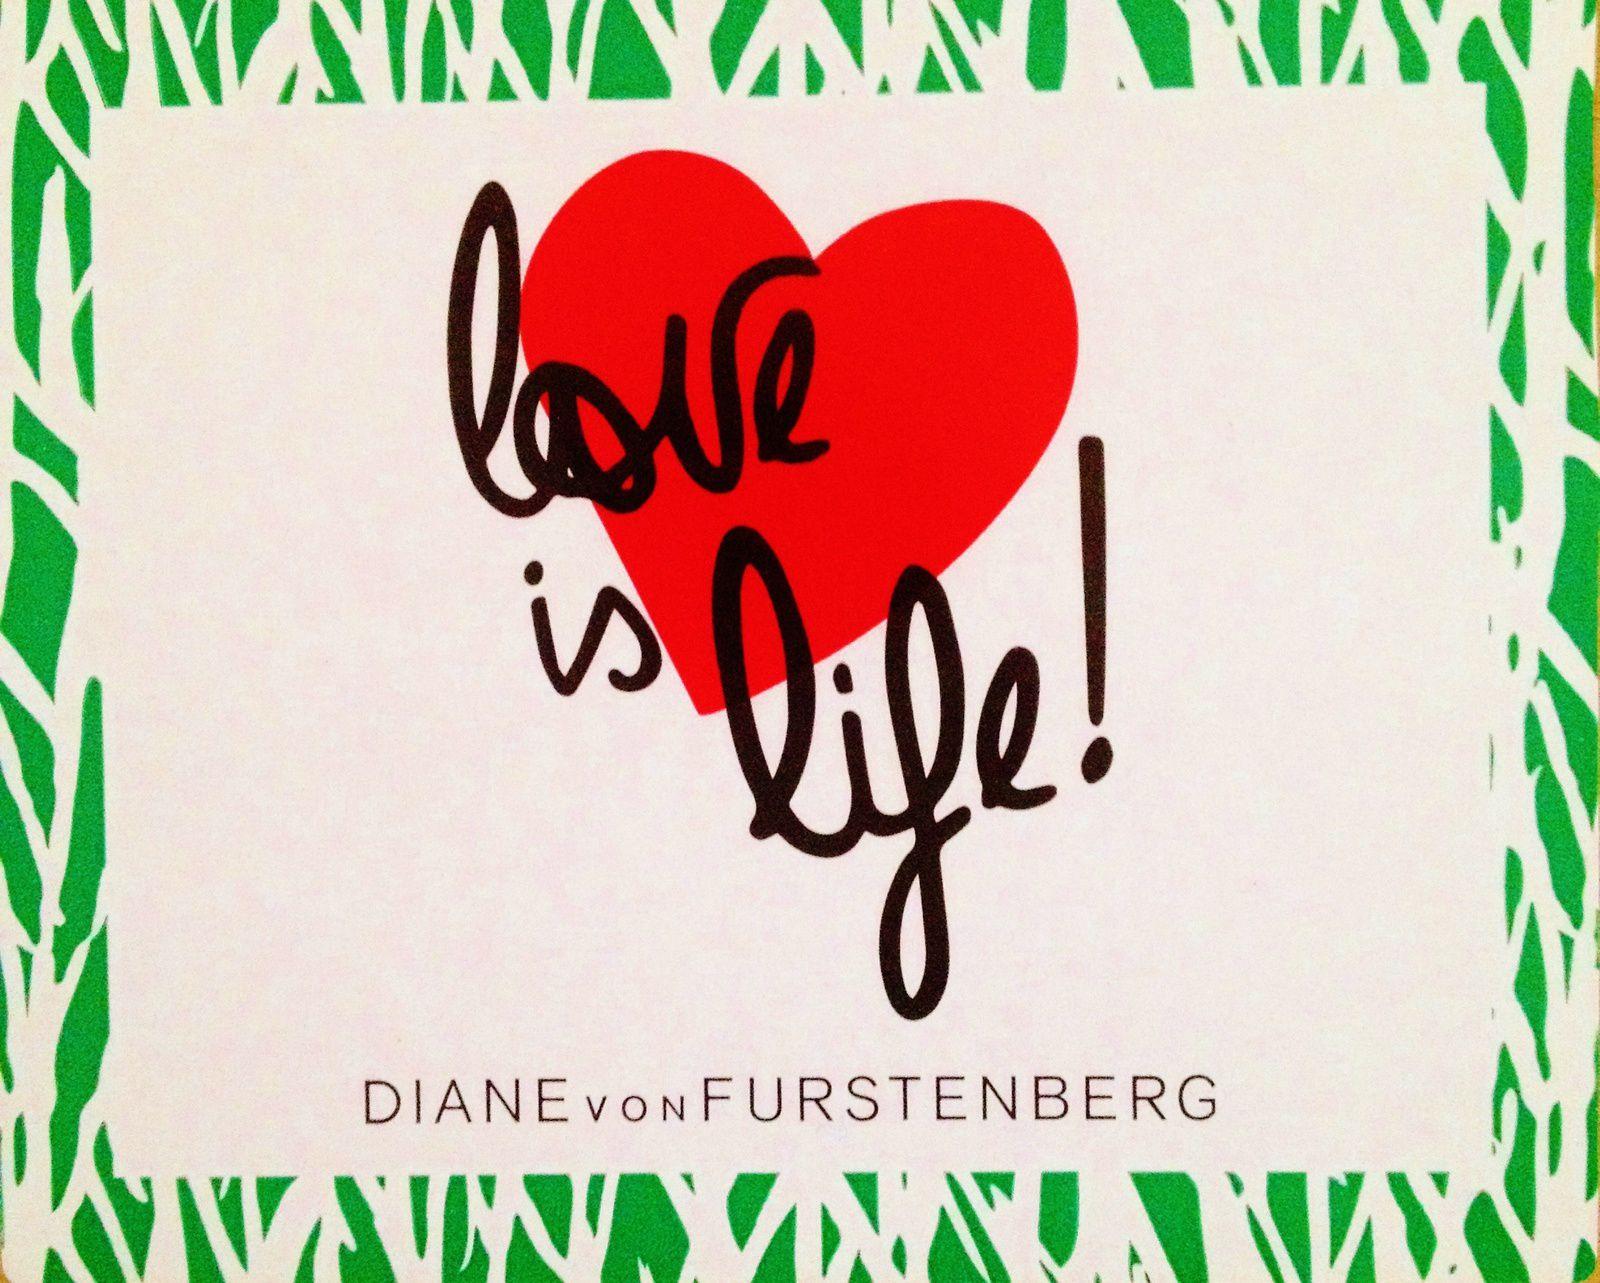 L'amour c'est la vie.